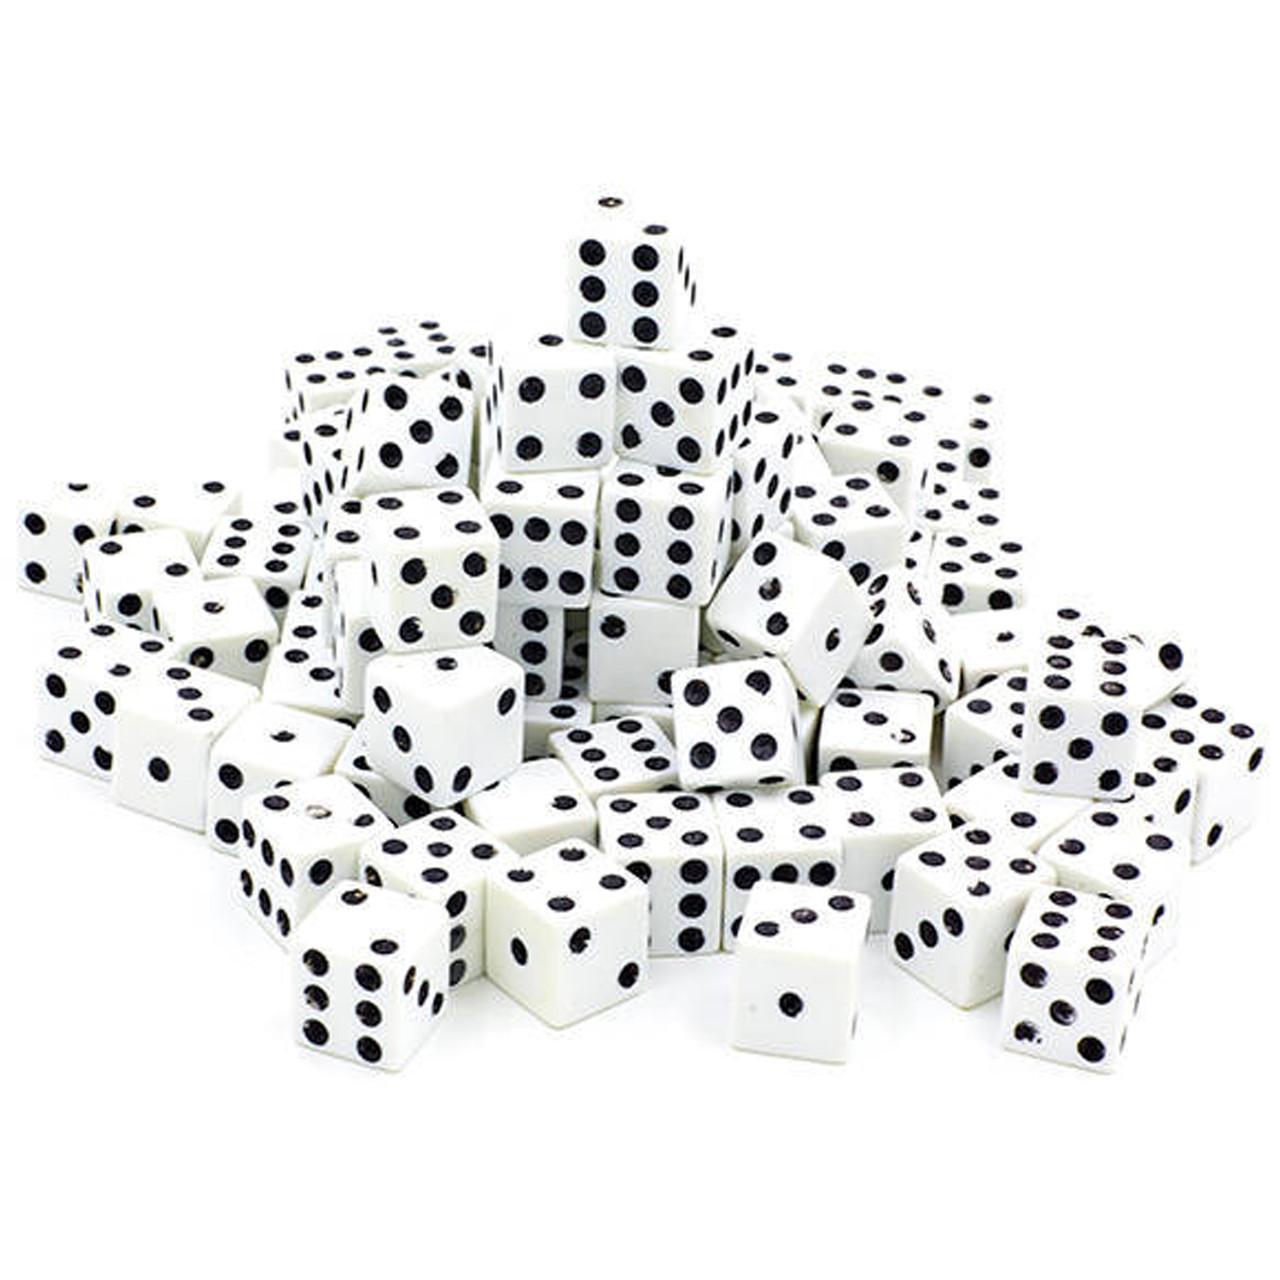 Кости игральные 100 шт (1,5x1,5см) IG-5514